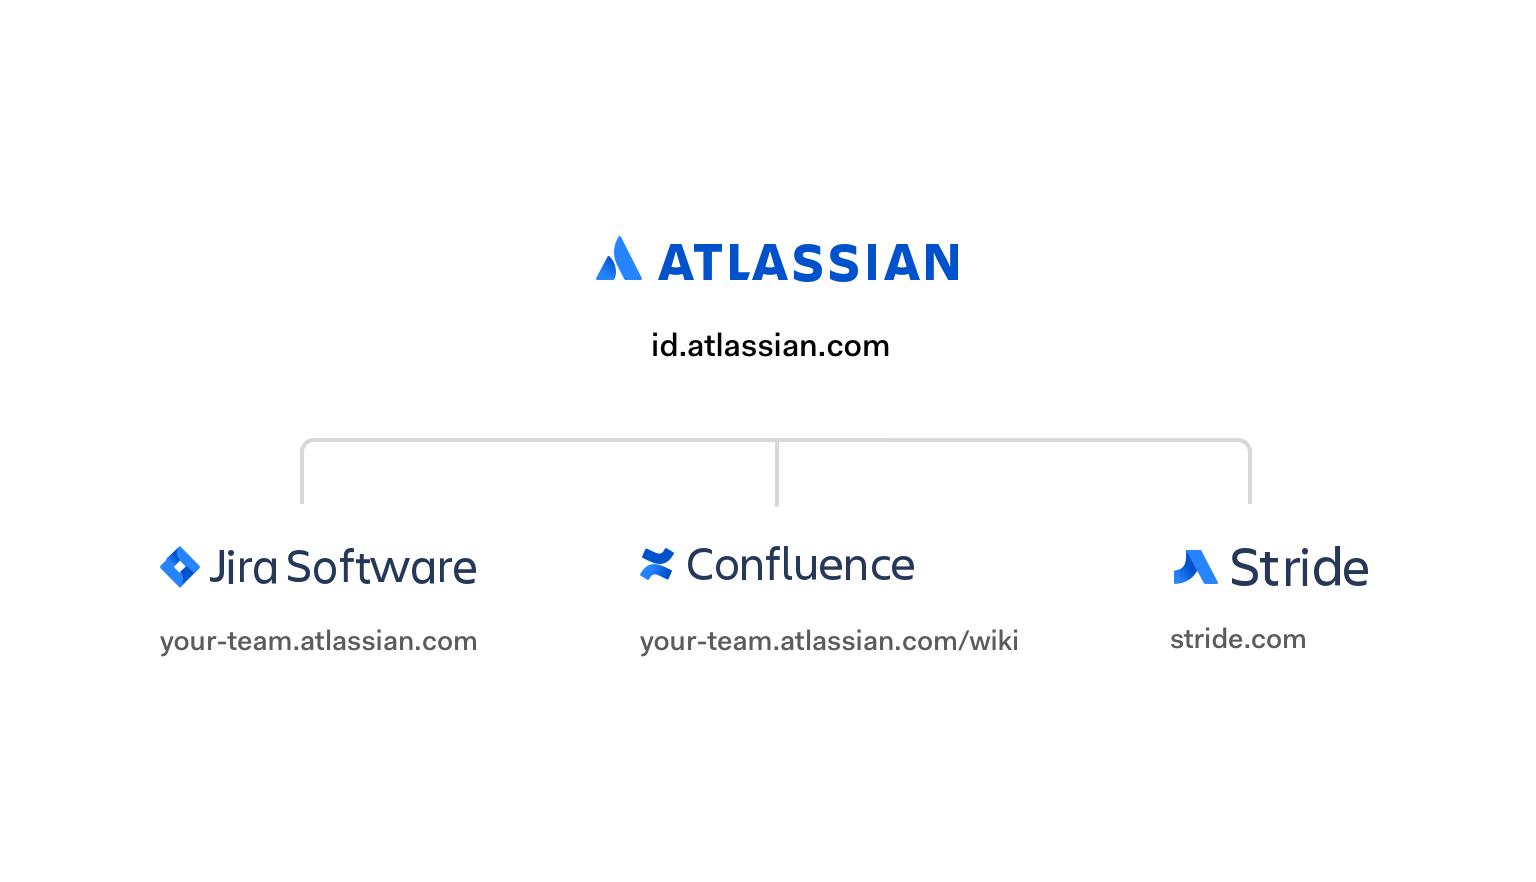 Atlassian central authorization provider